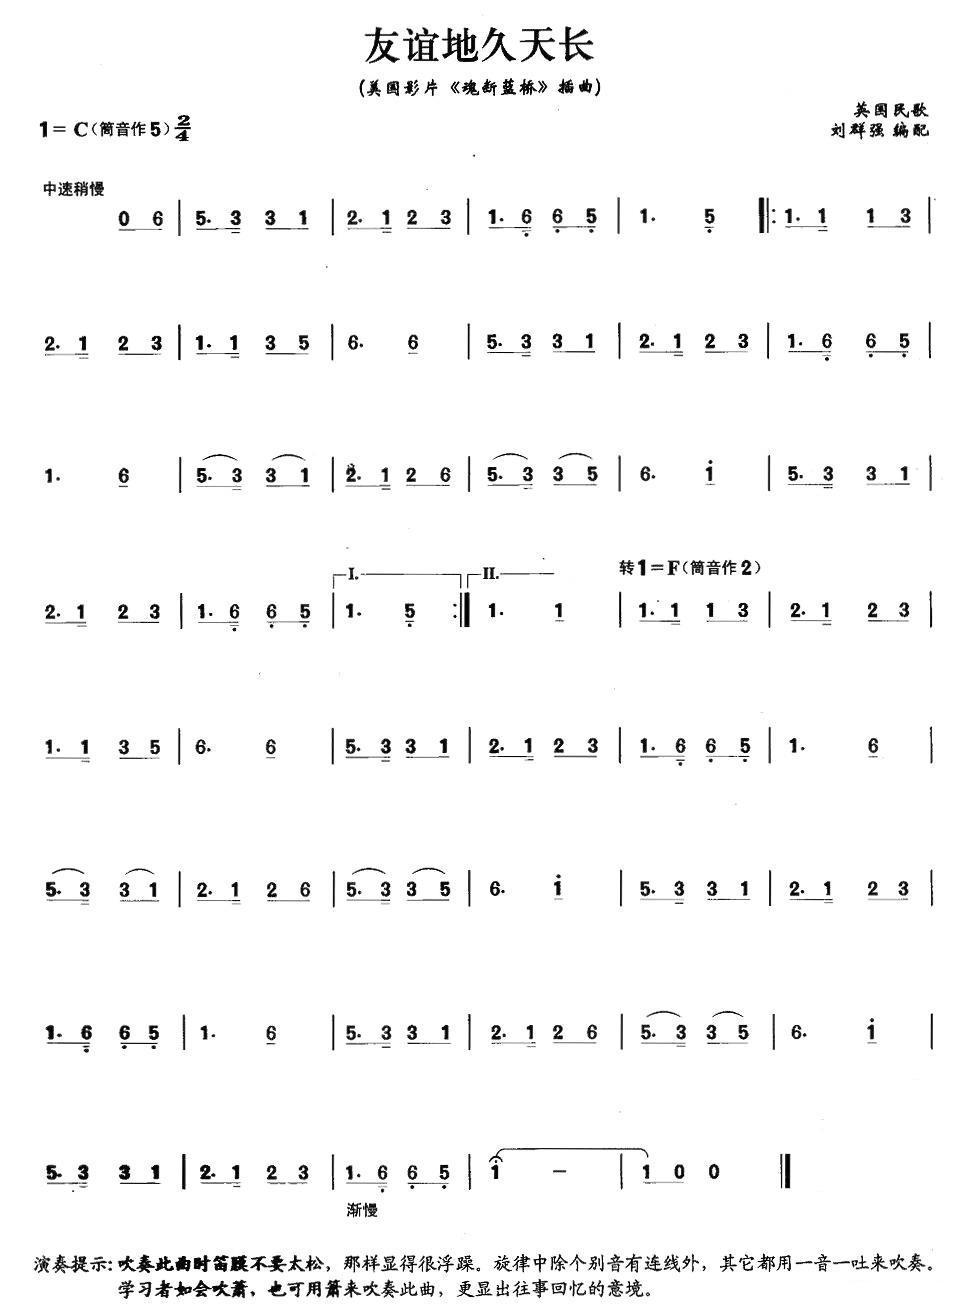 下载:友谊地久天长笛子(箫)曲谱(图1)-友谊地久天长